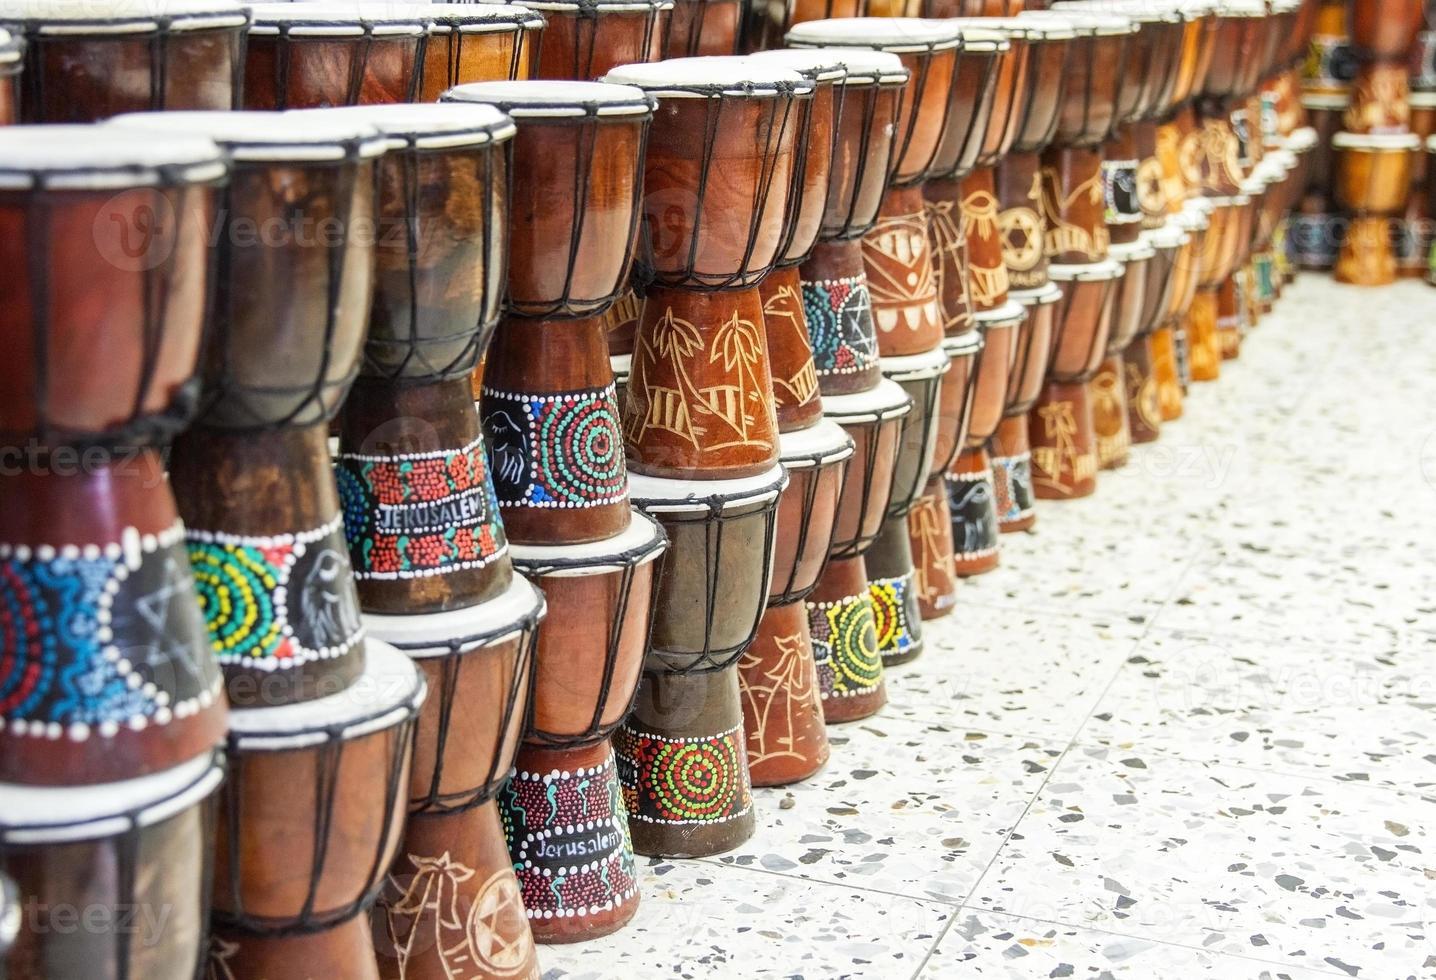 marché arabe de la darbouka. photo